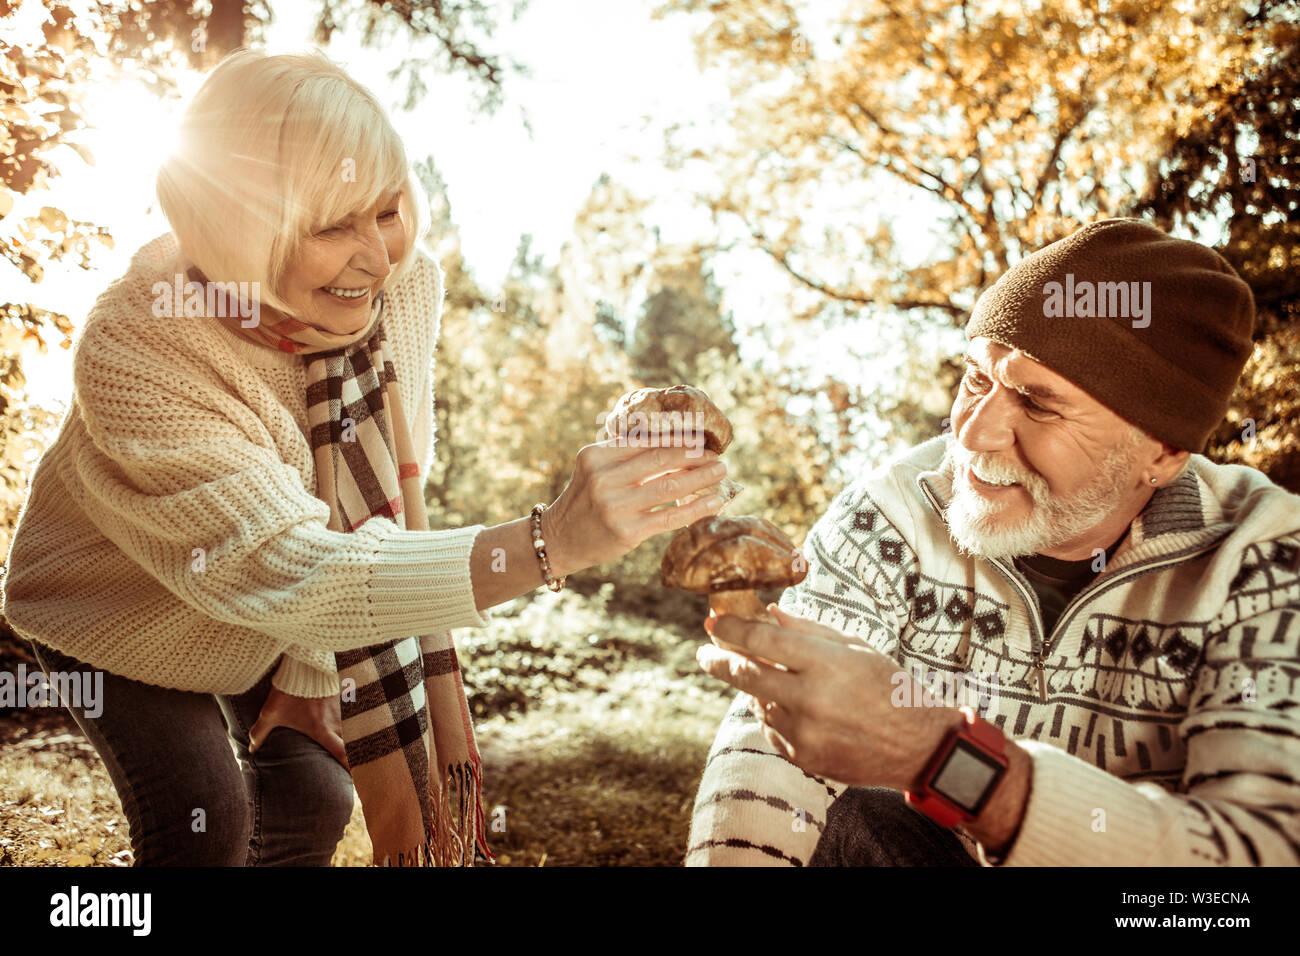 Mari et femme trouver gros champignons dans la forêt. Photo Stock